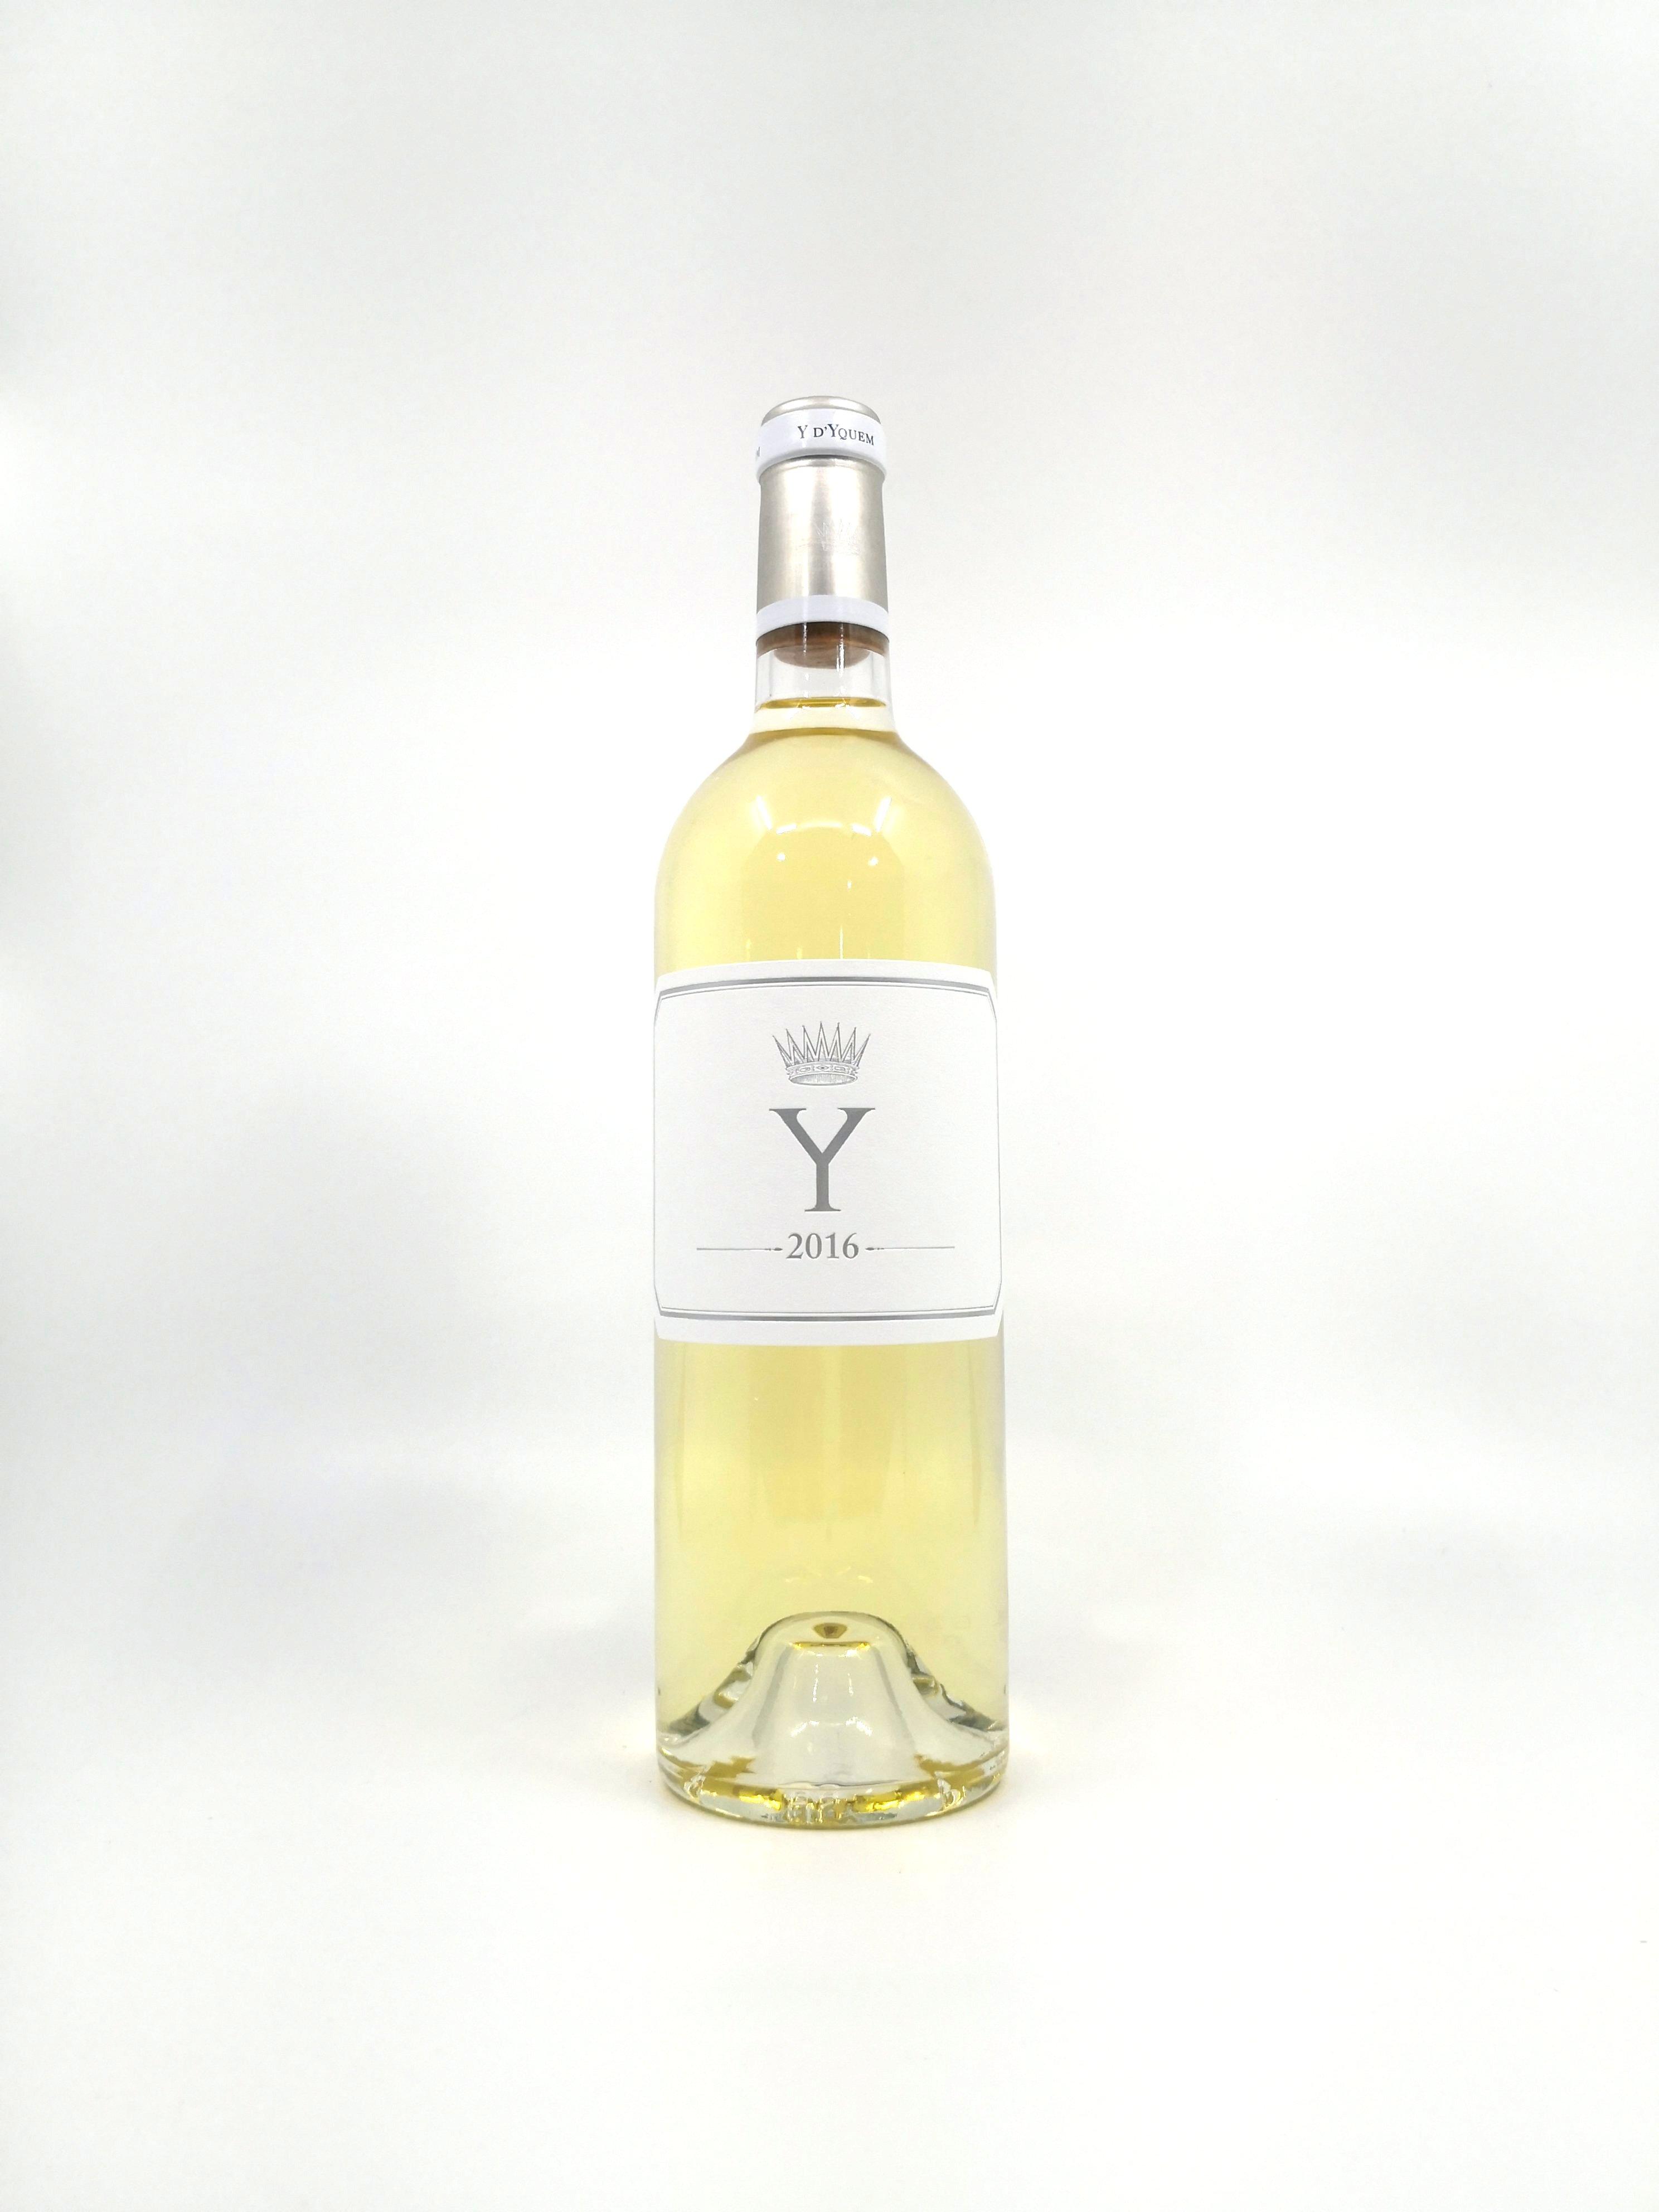 'Y' d'Yquem (Ygrec)